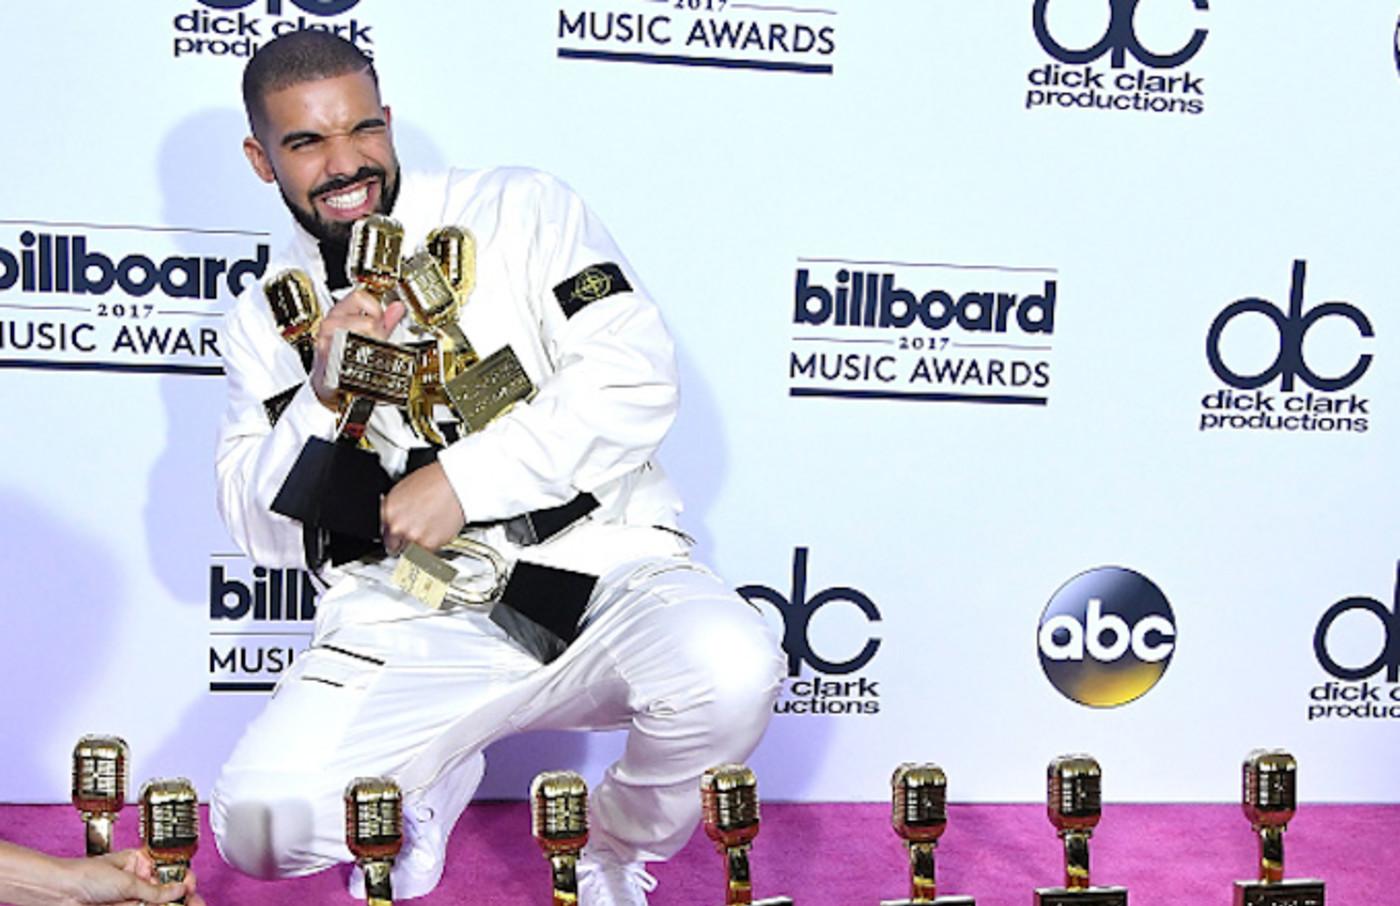 Drake poses at the 2017 Billboard Music Awards